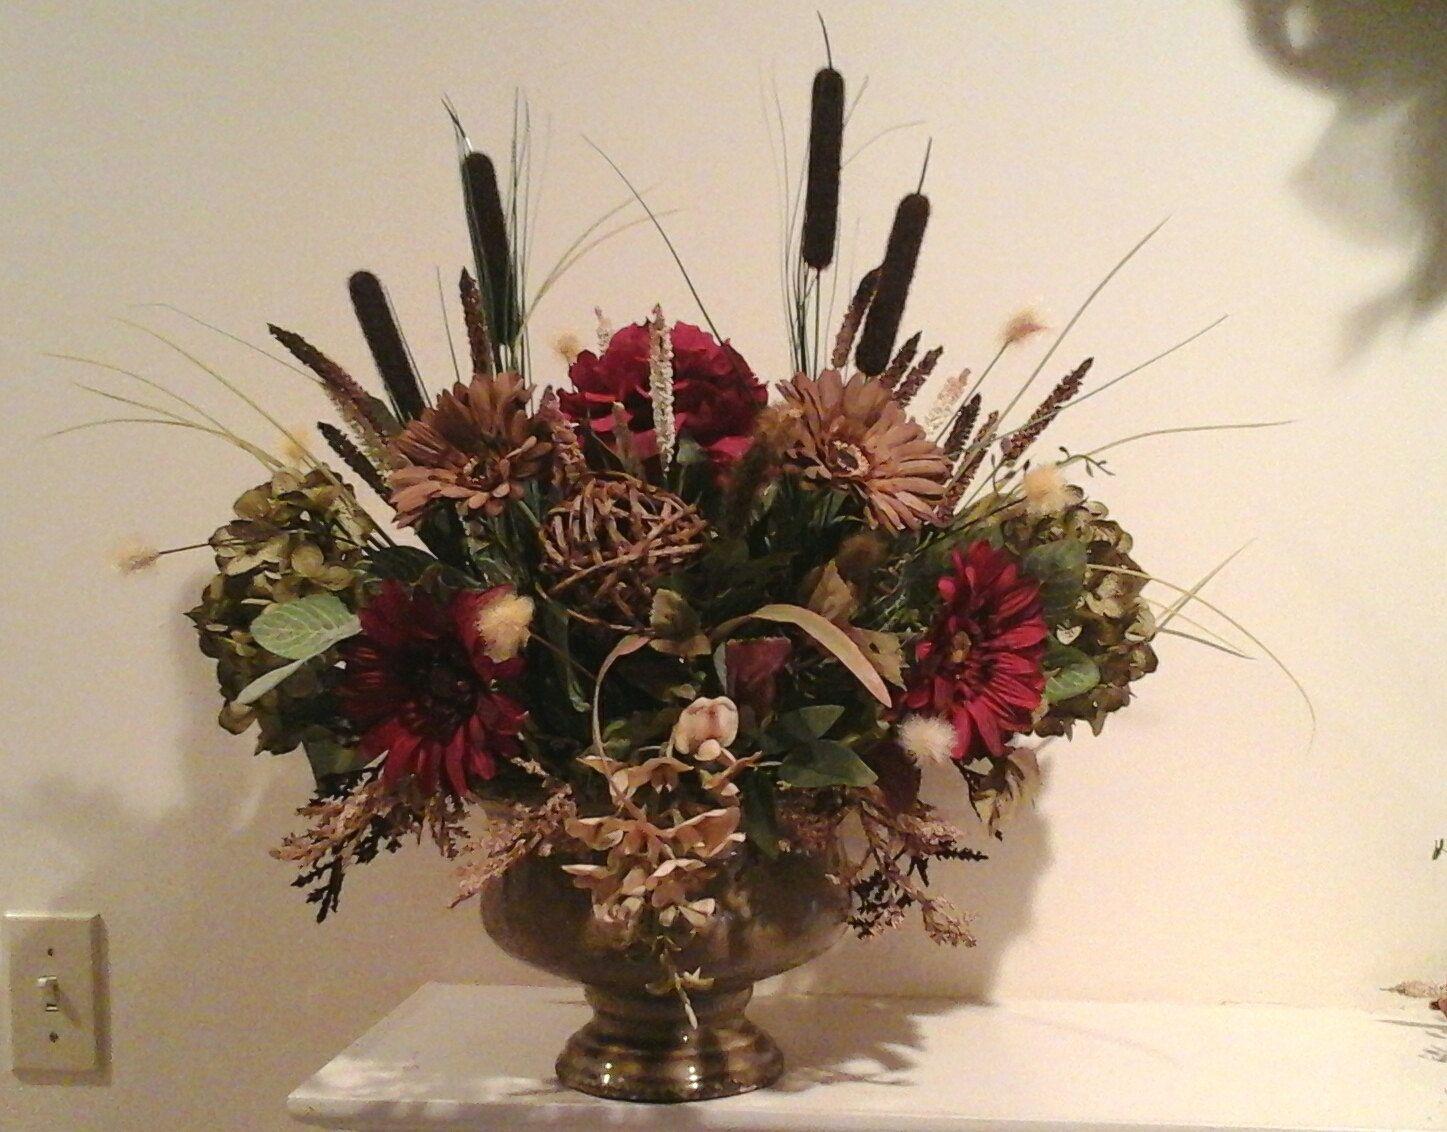 Floral Arrangement Formal Large Silk Centerpiece SHIPPING INCLUDED Elegant Designer Dining